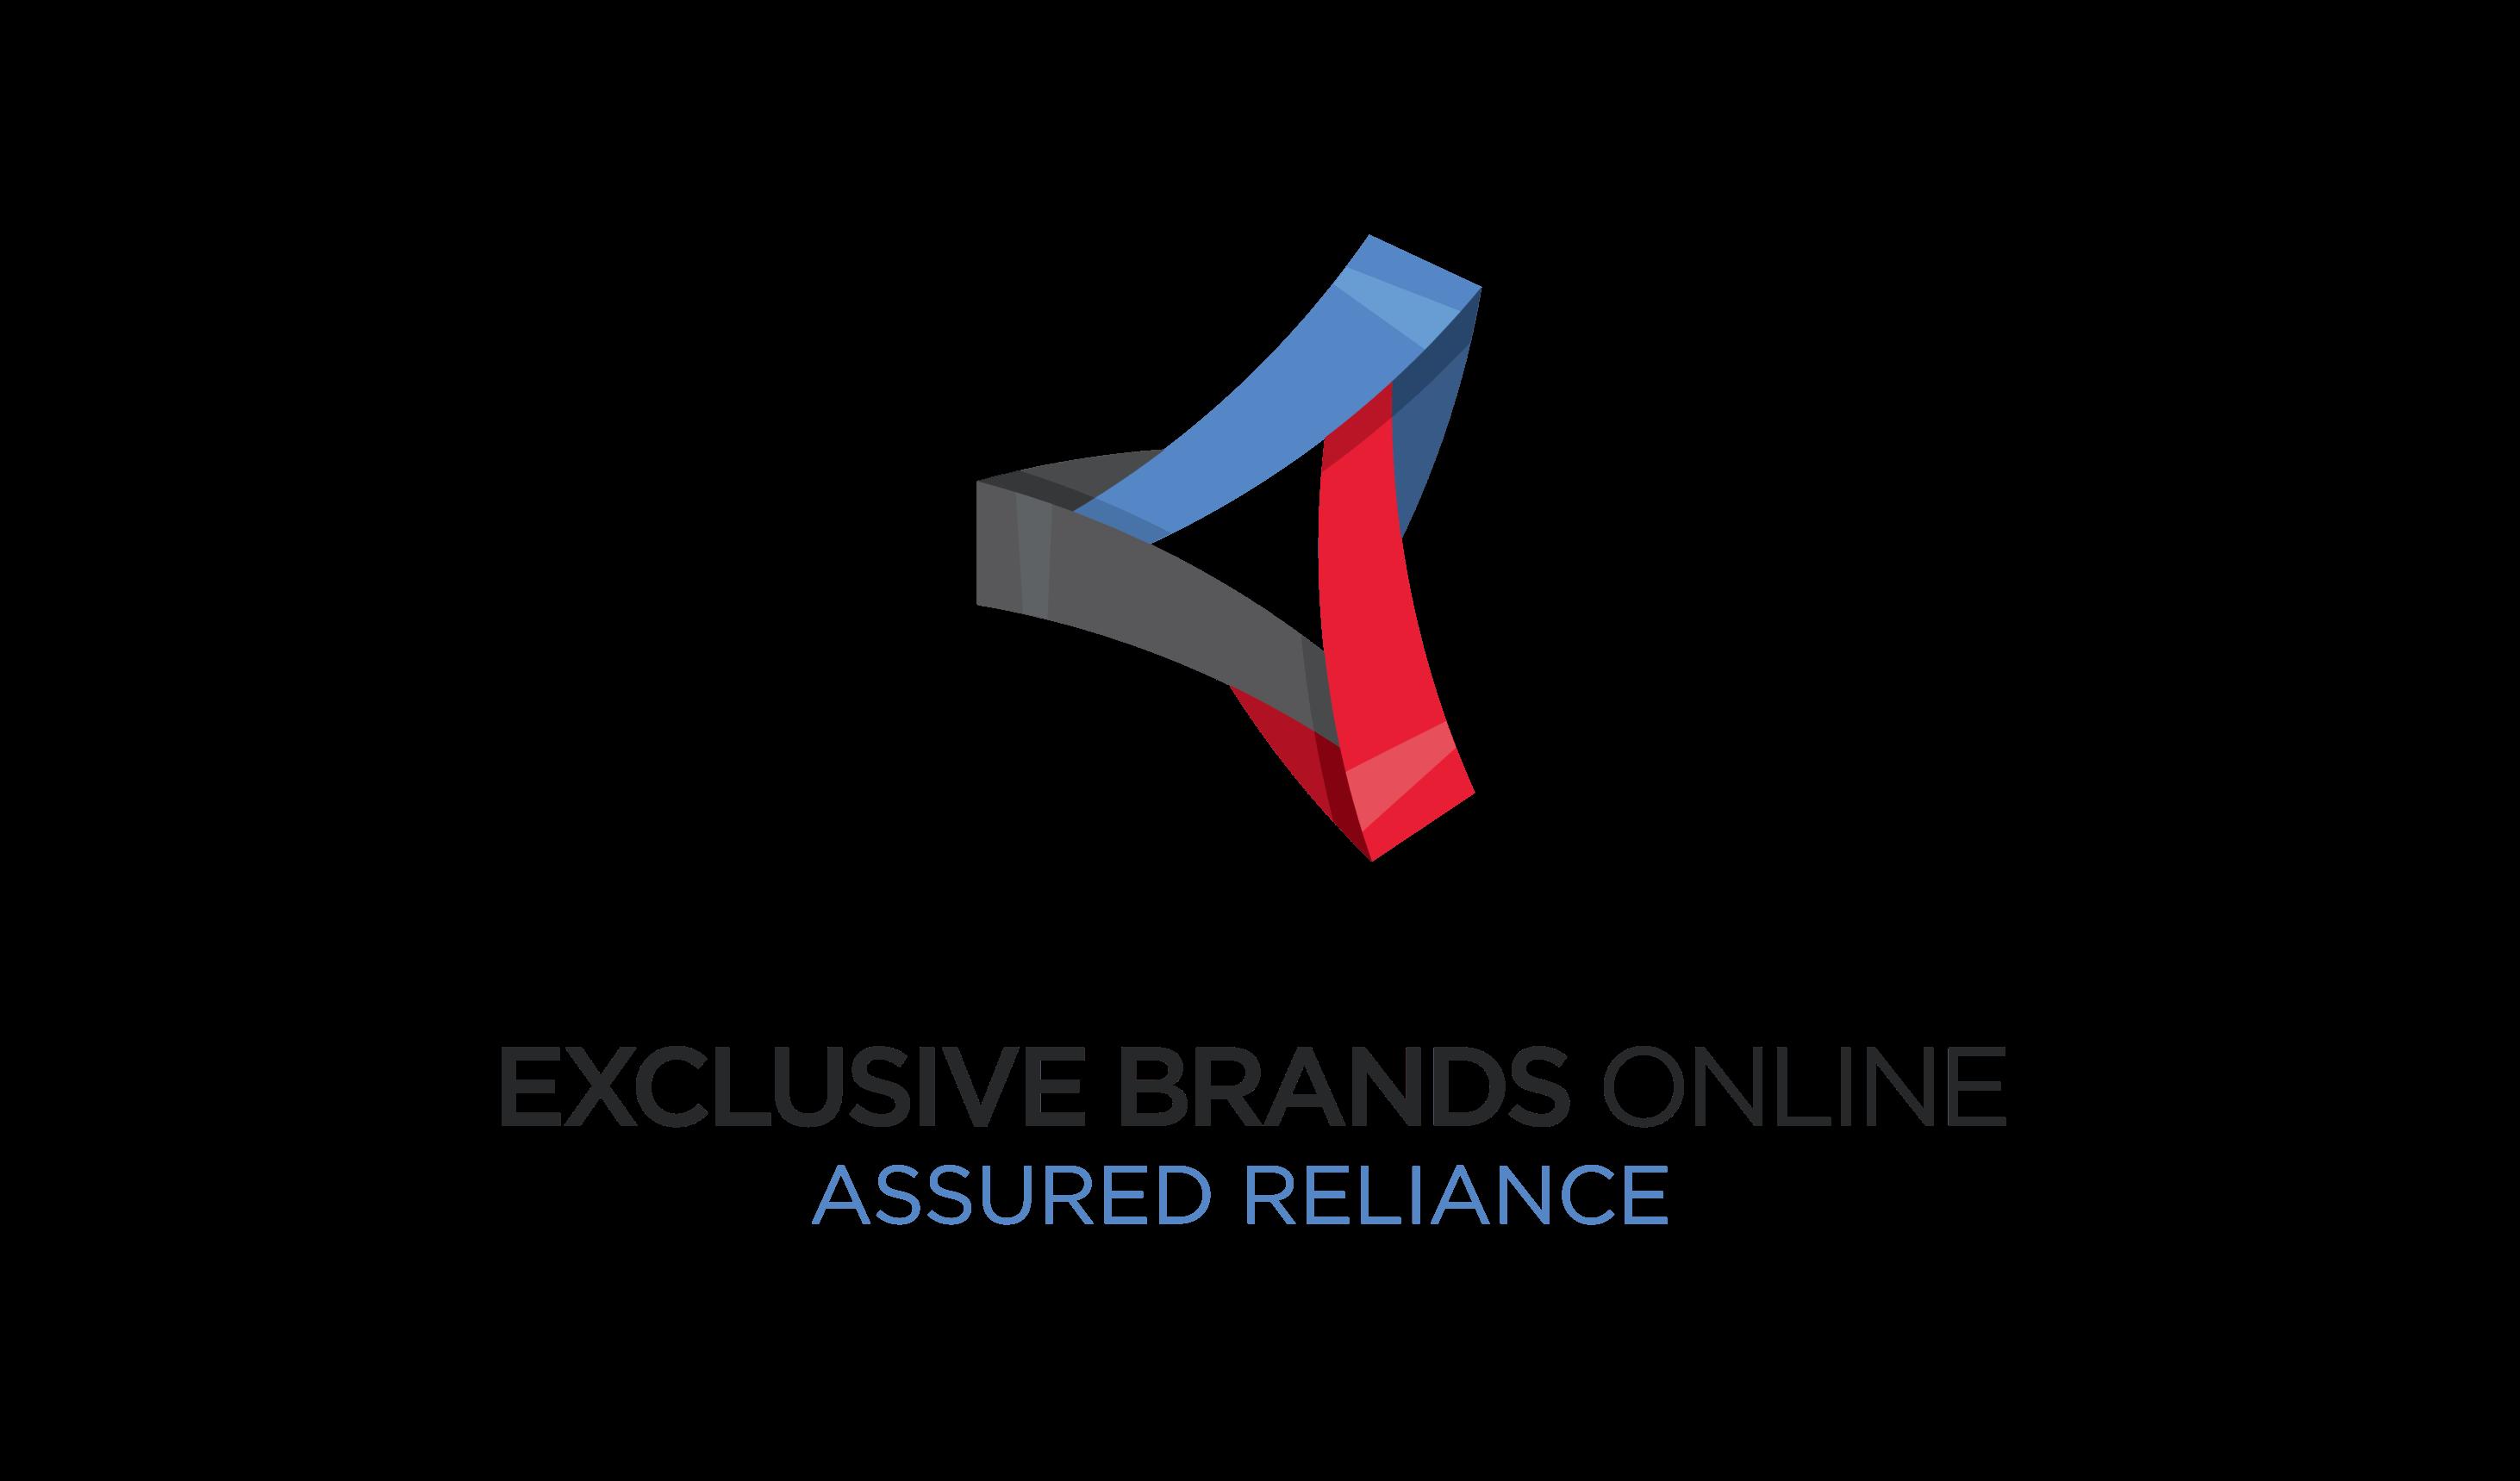 Exclusive Brands Online